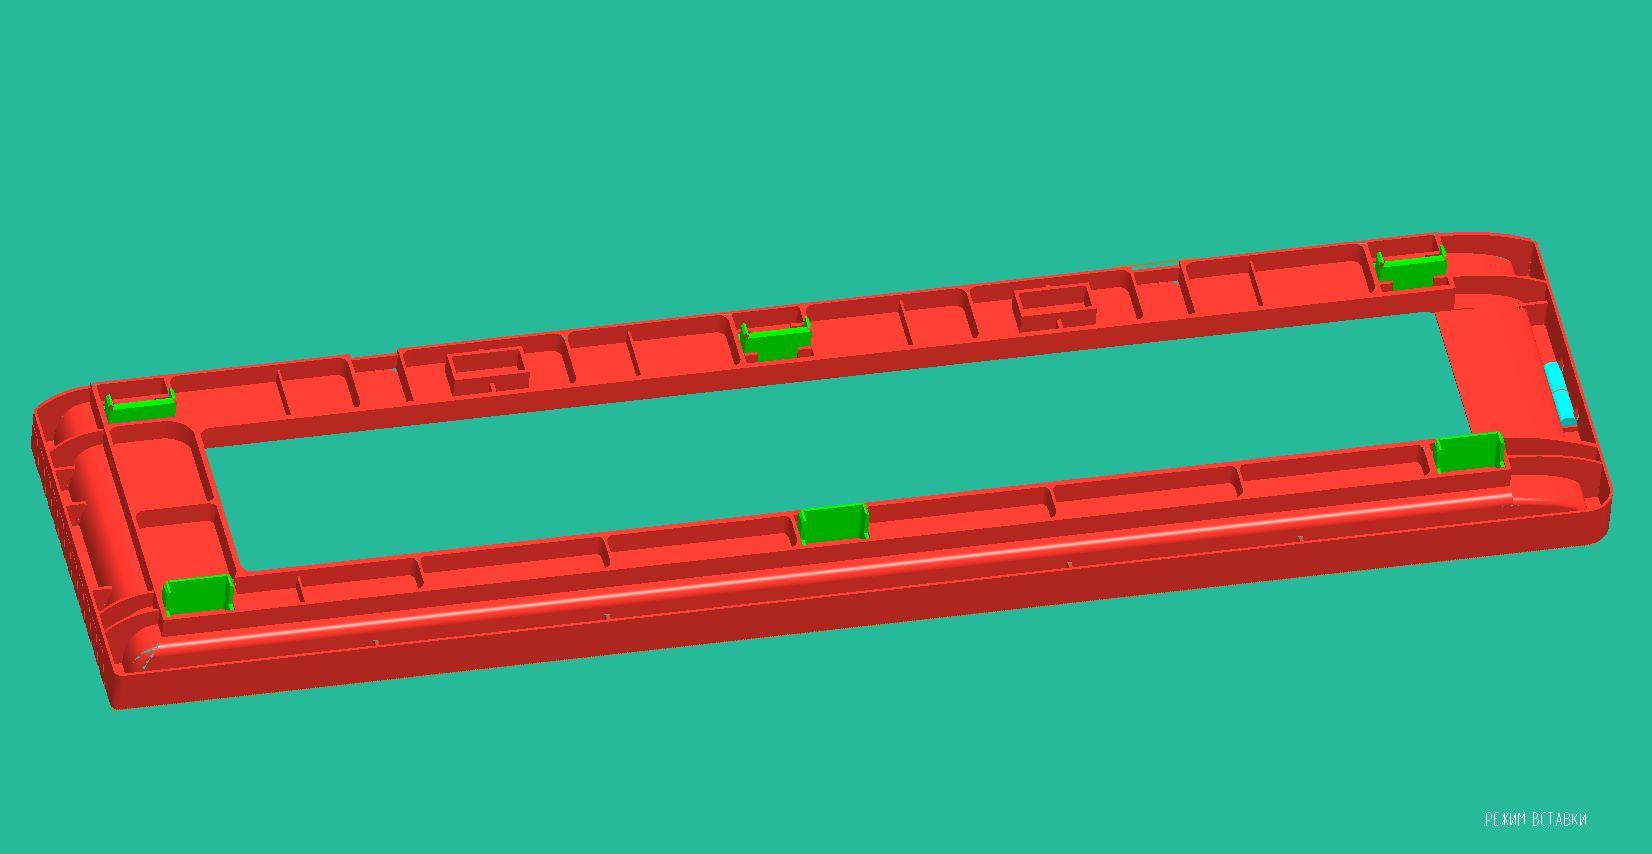 Комплектация шаблона для кладки кирпича